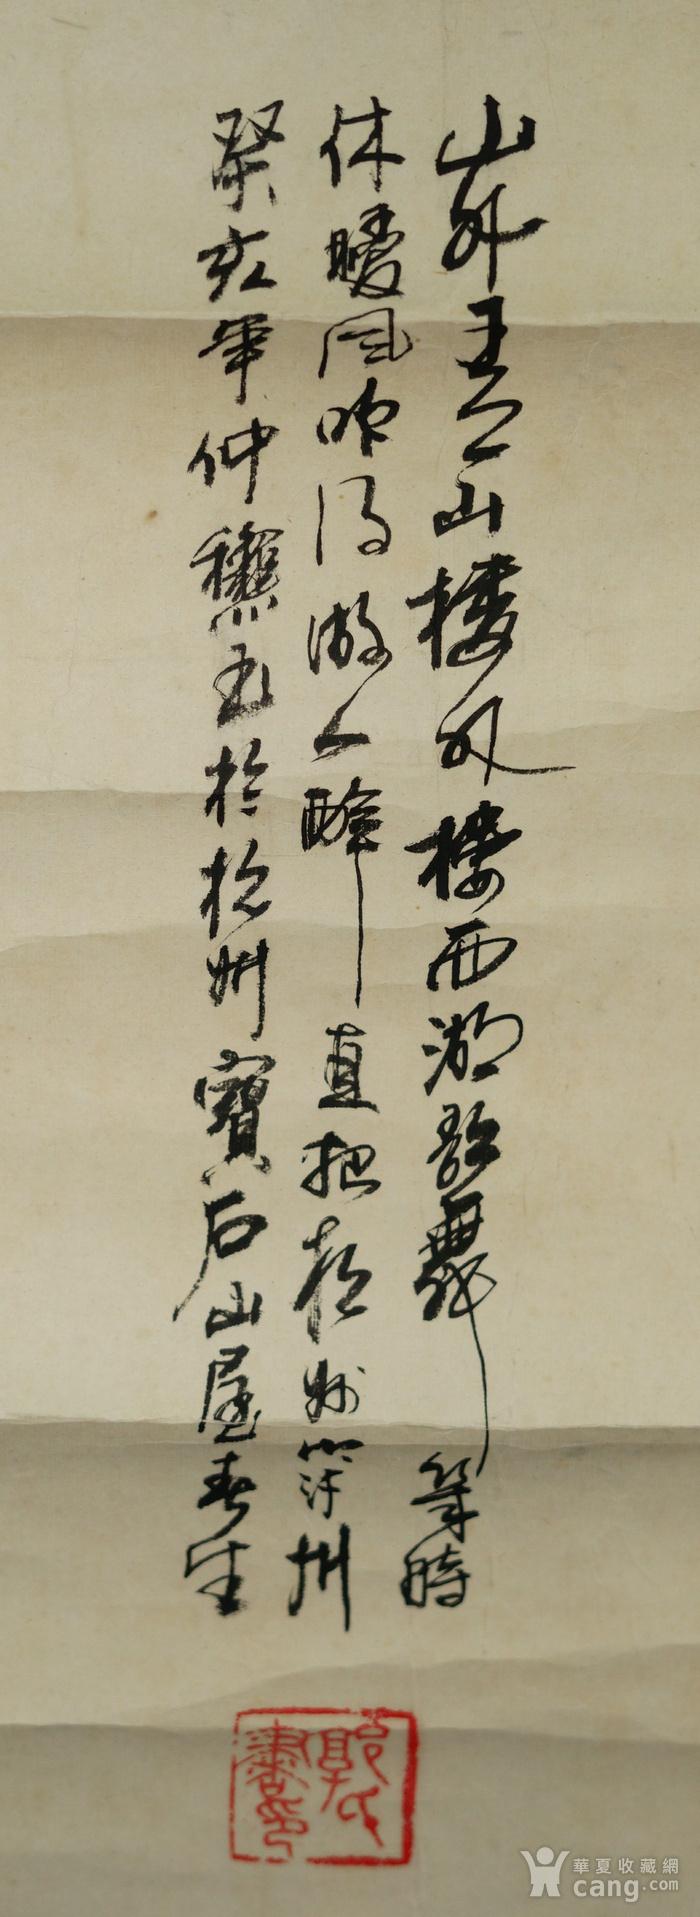 回流杭州名家山外山青山老书法图3